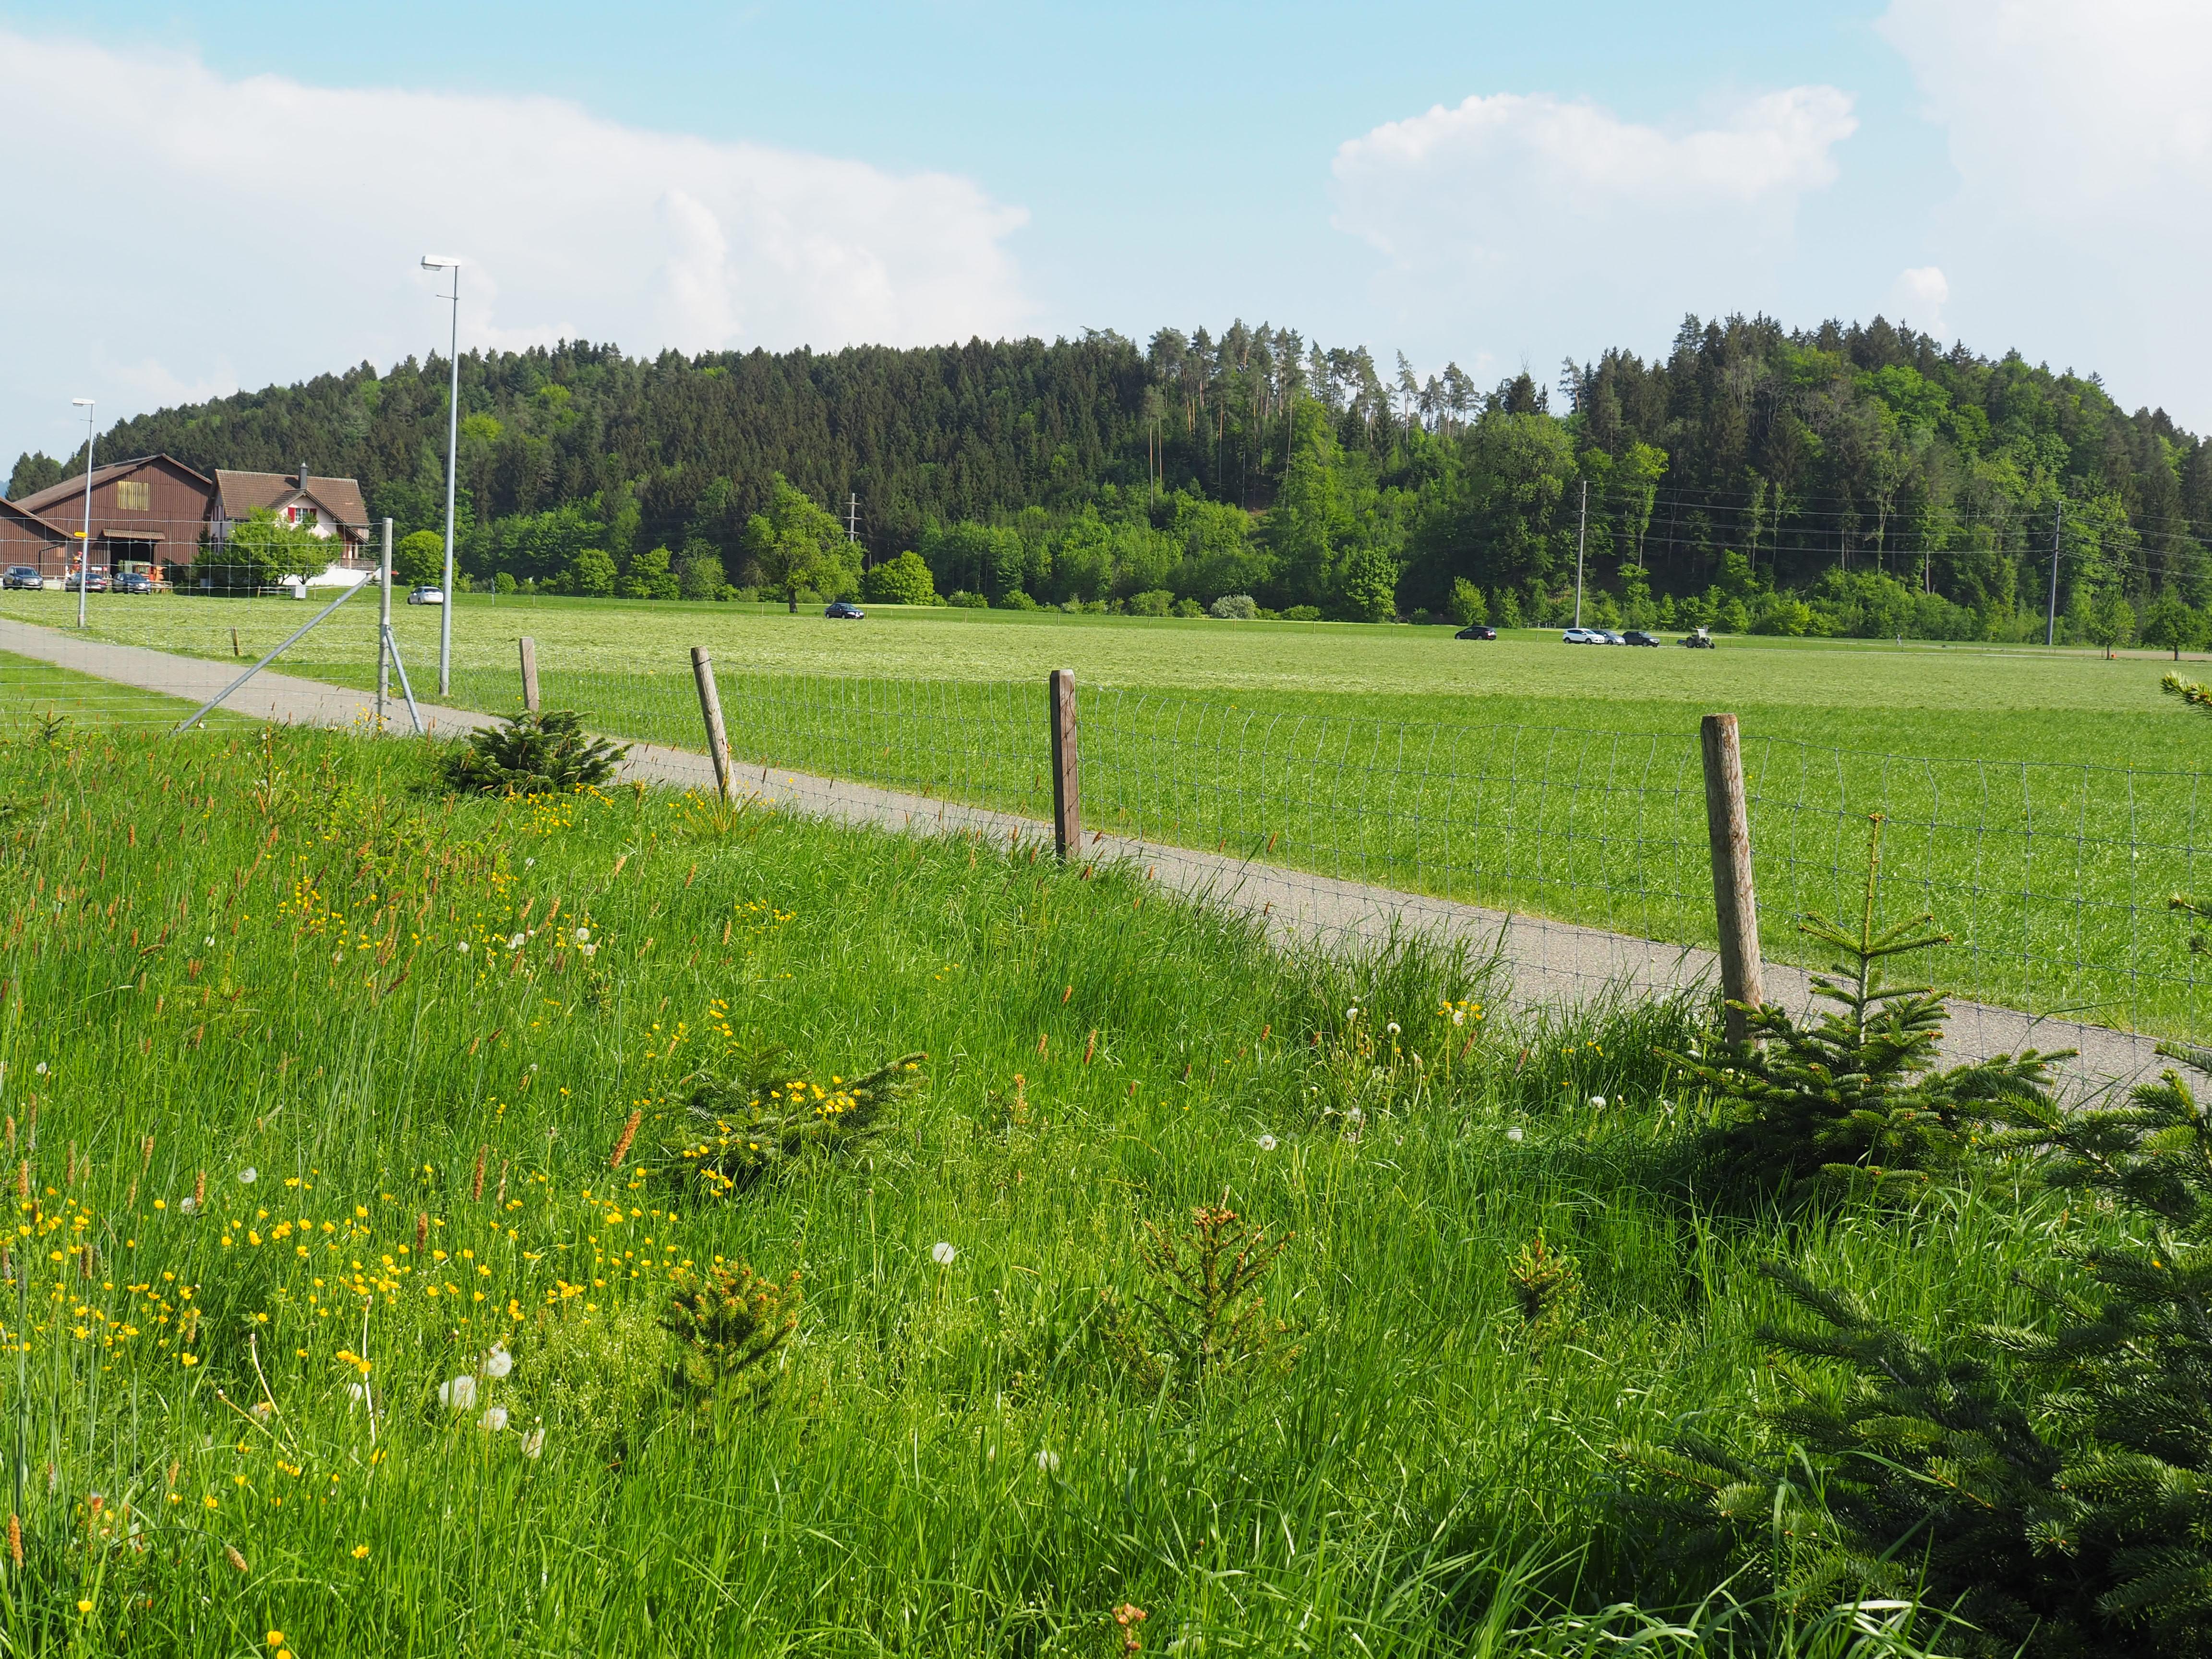 Wuhrenholz